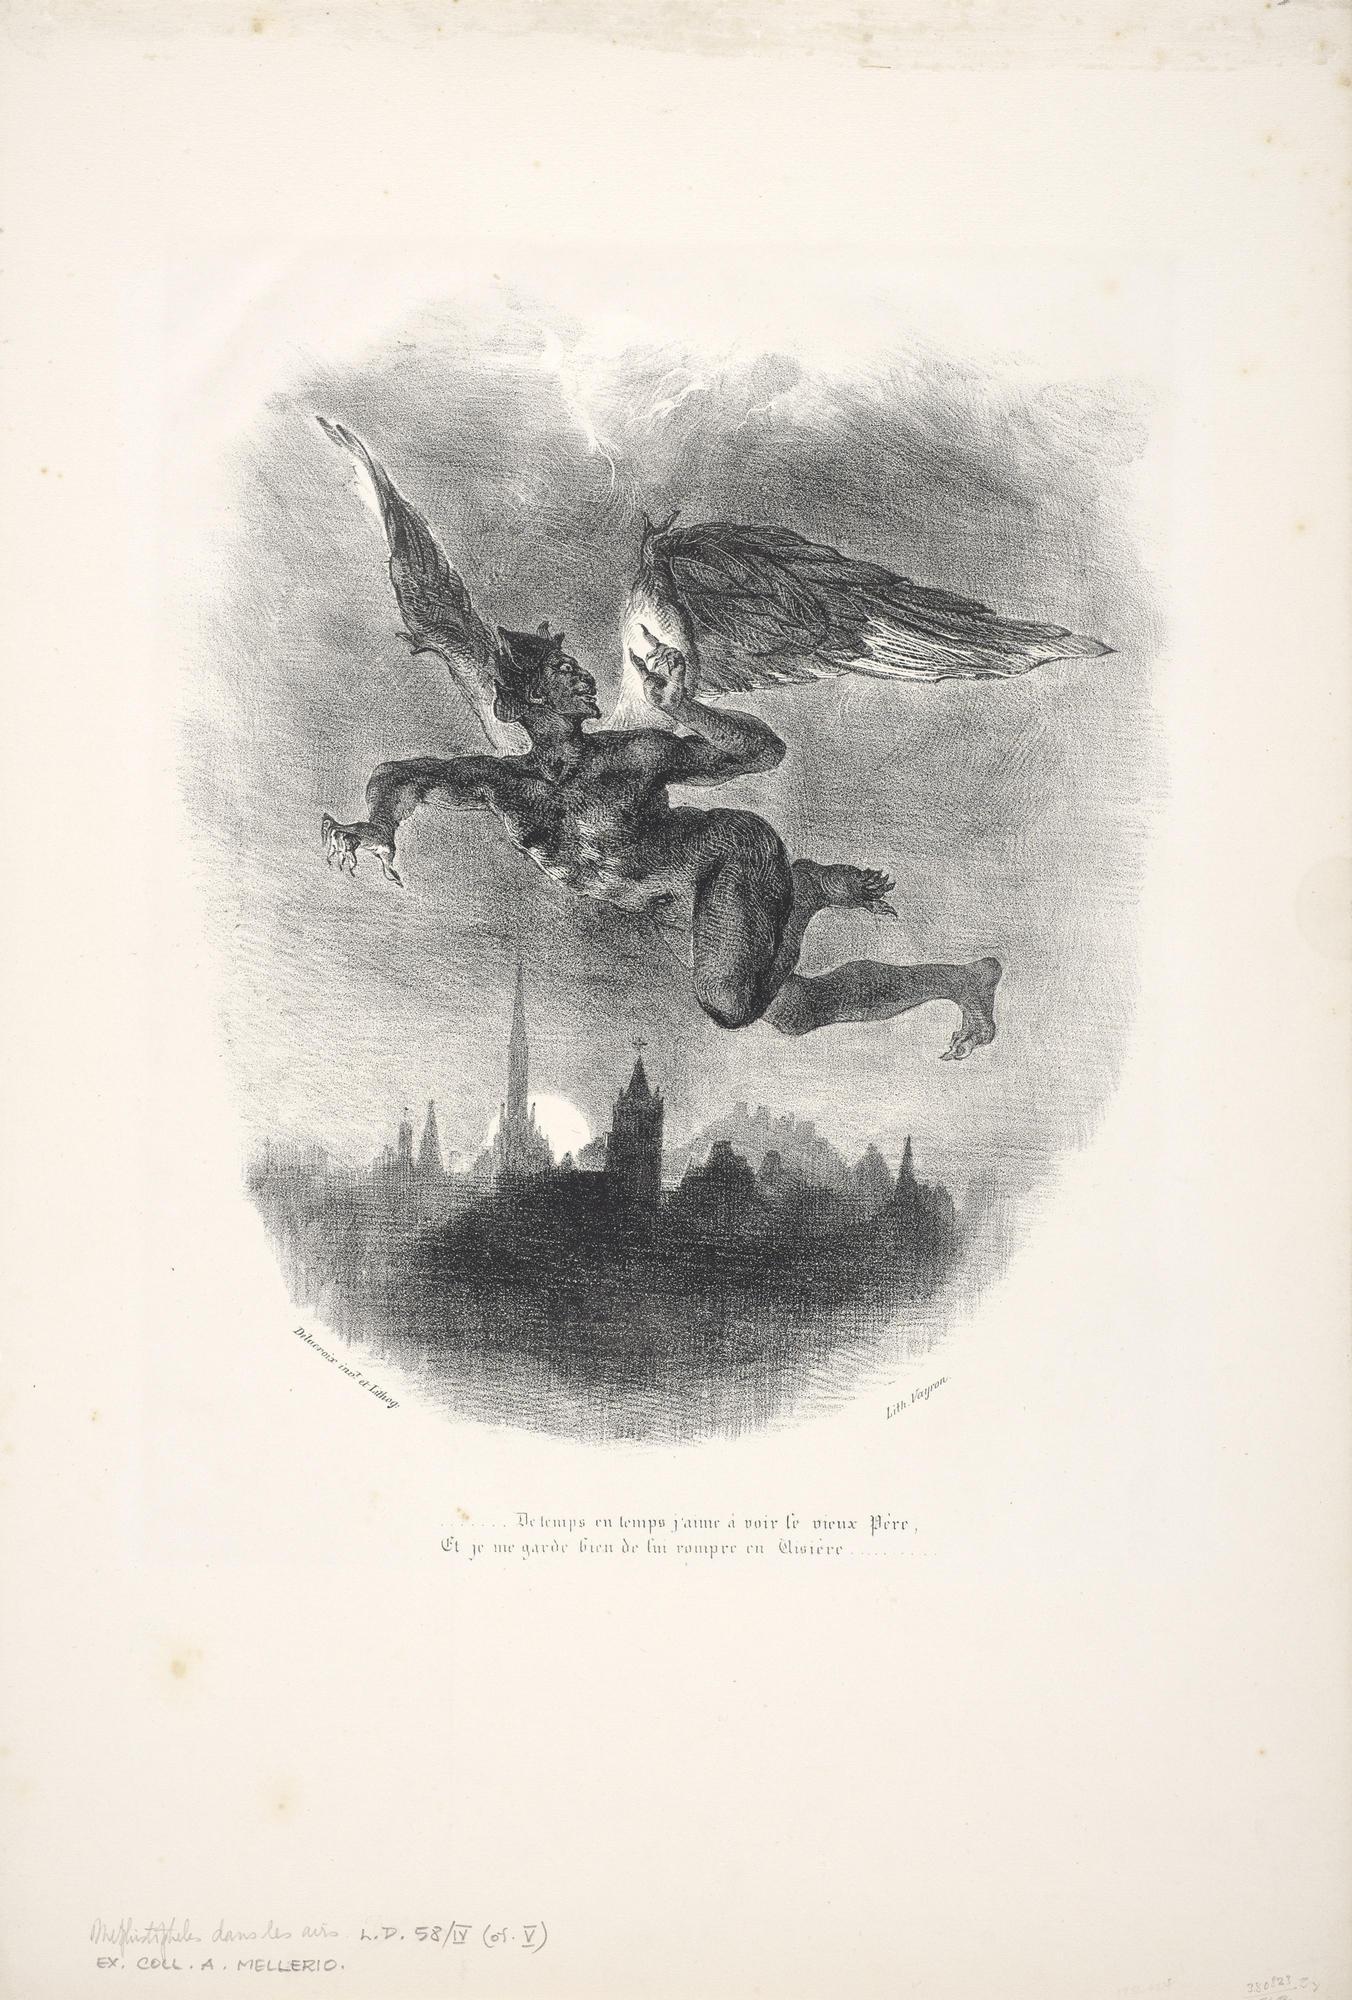 In eugène delacroixs 1827 lithograph mephistopheles aloft 1827 a demon flies over a dark city